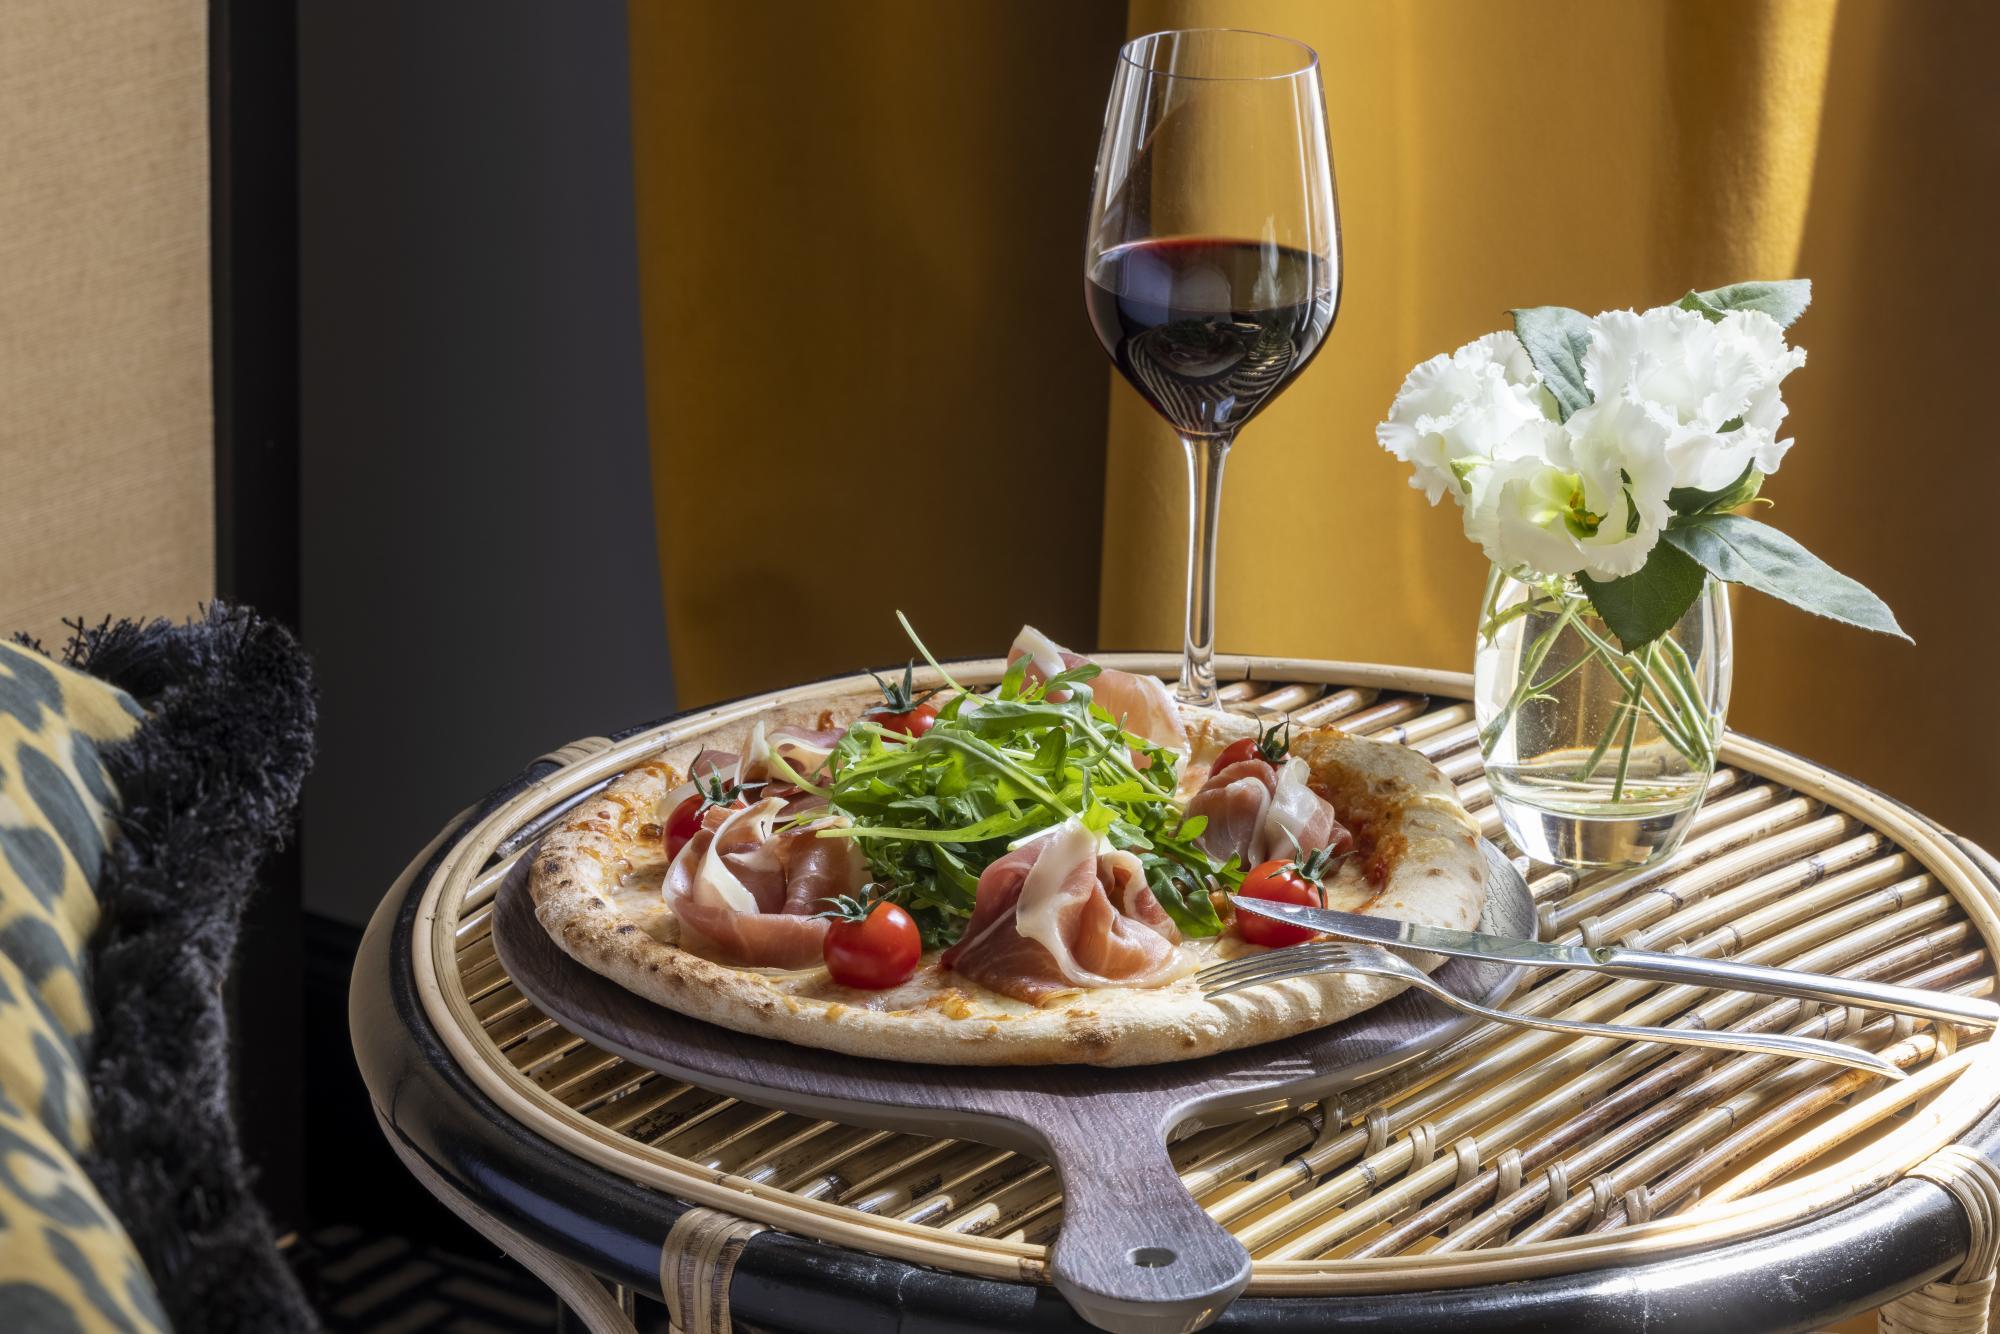 Grand Hotel Chicago Room Service Pizza